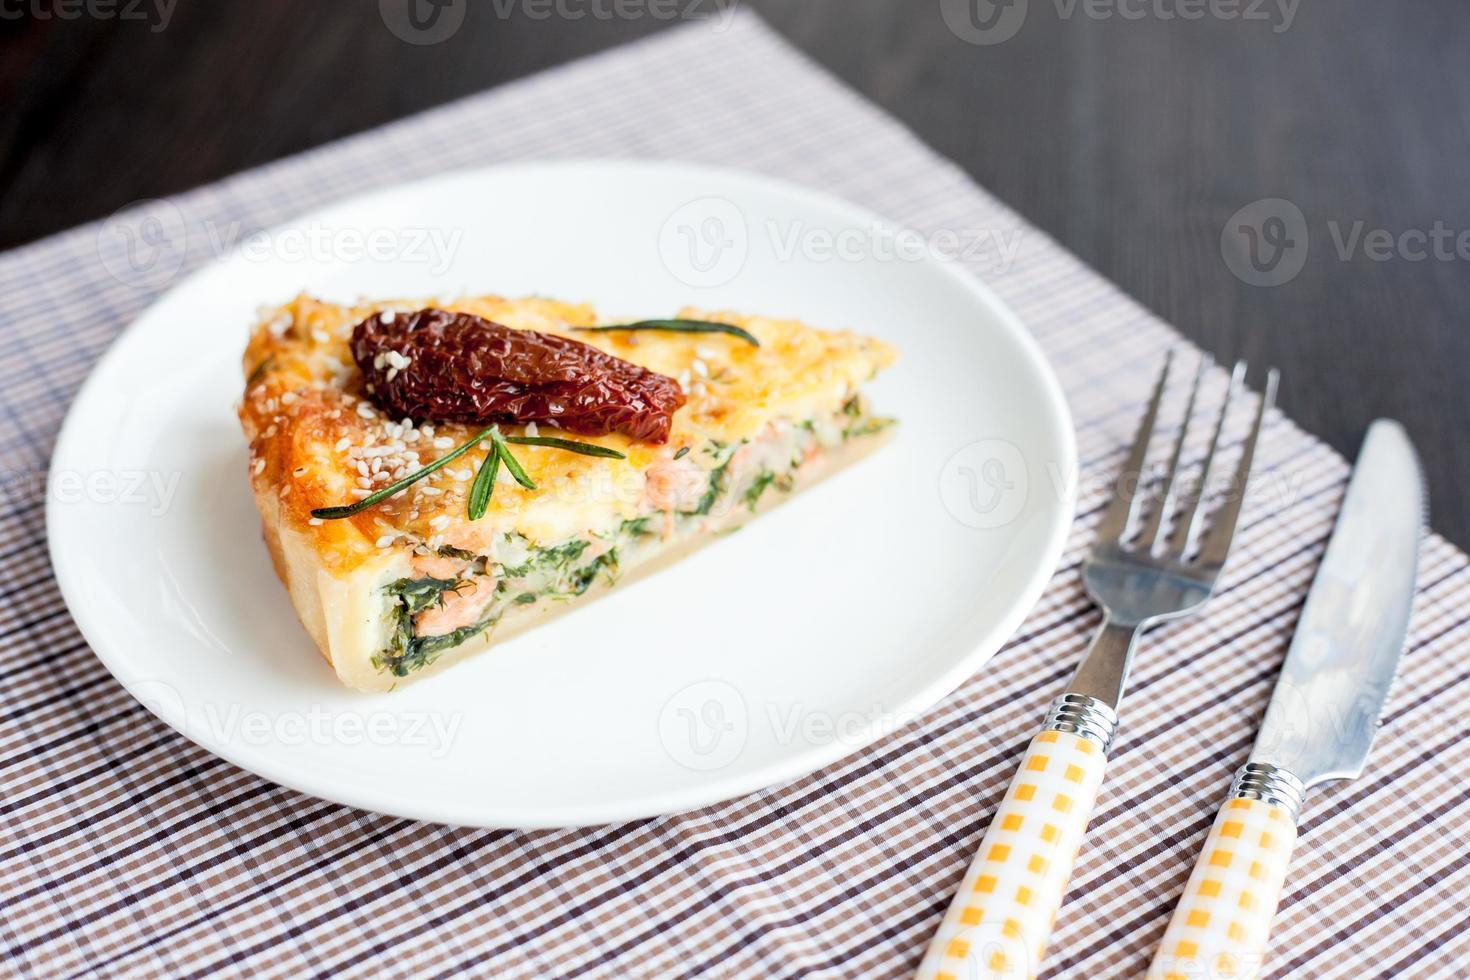 pedaço de torta com espinafre e peixe salmão foto